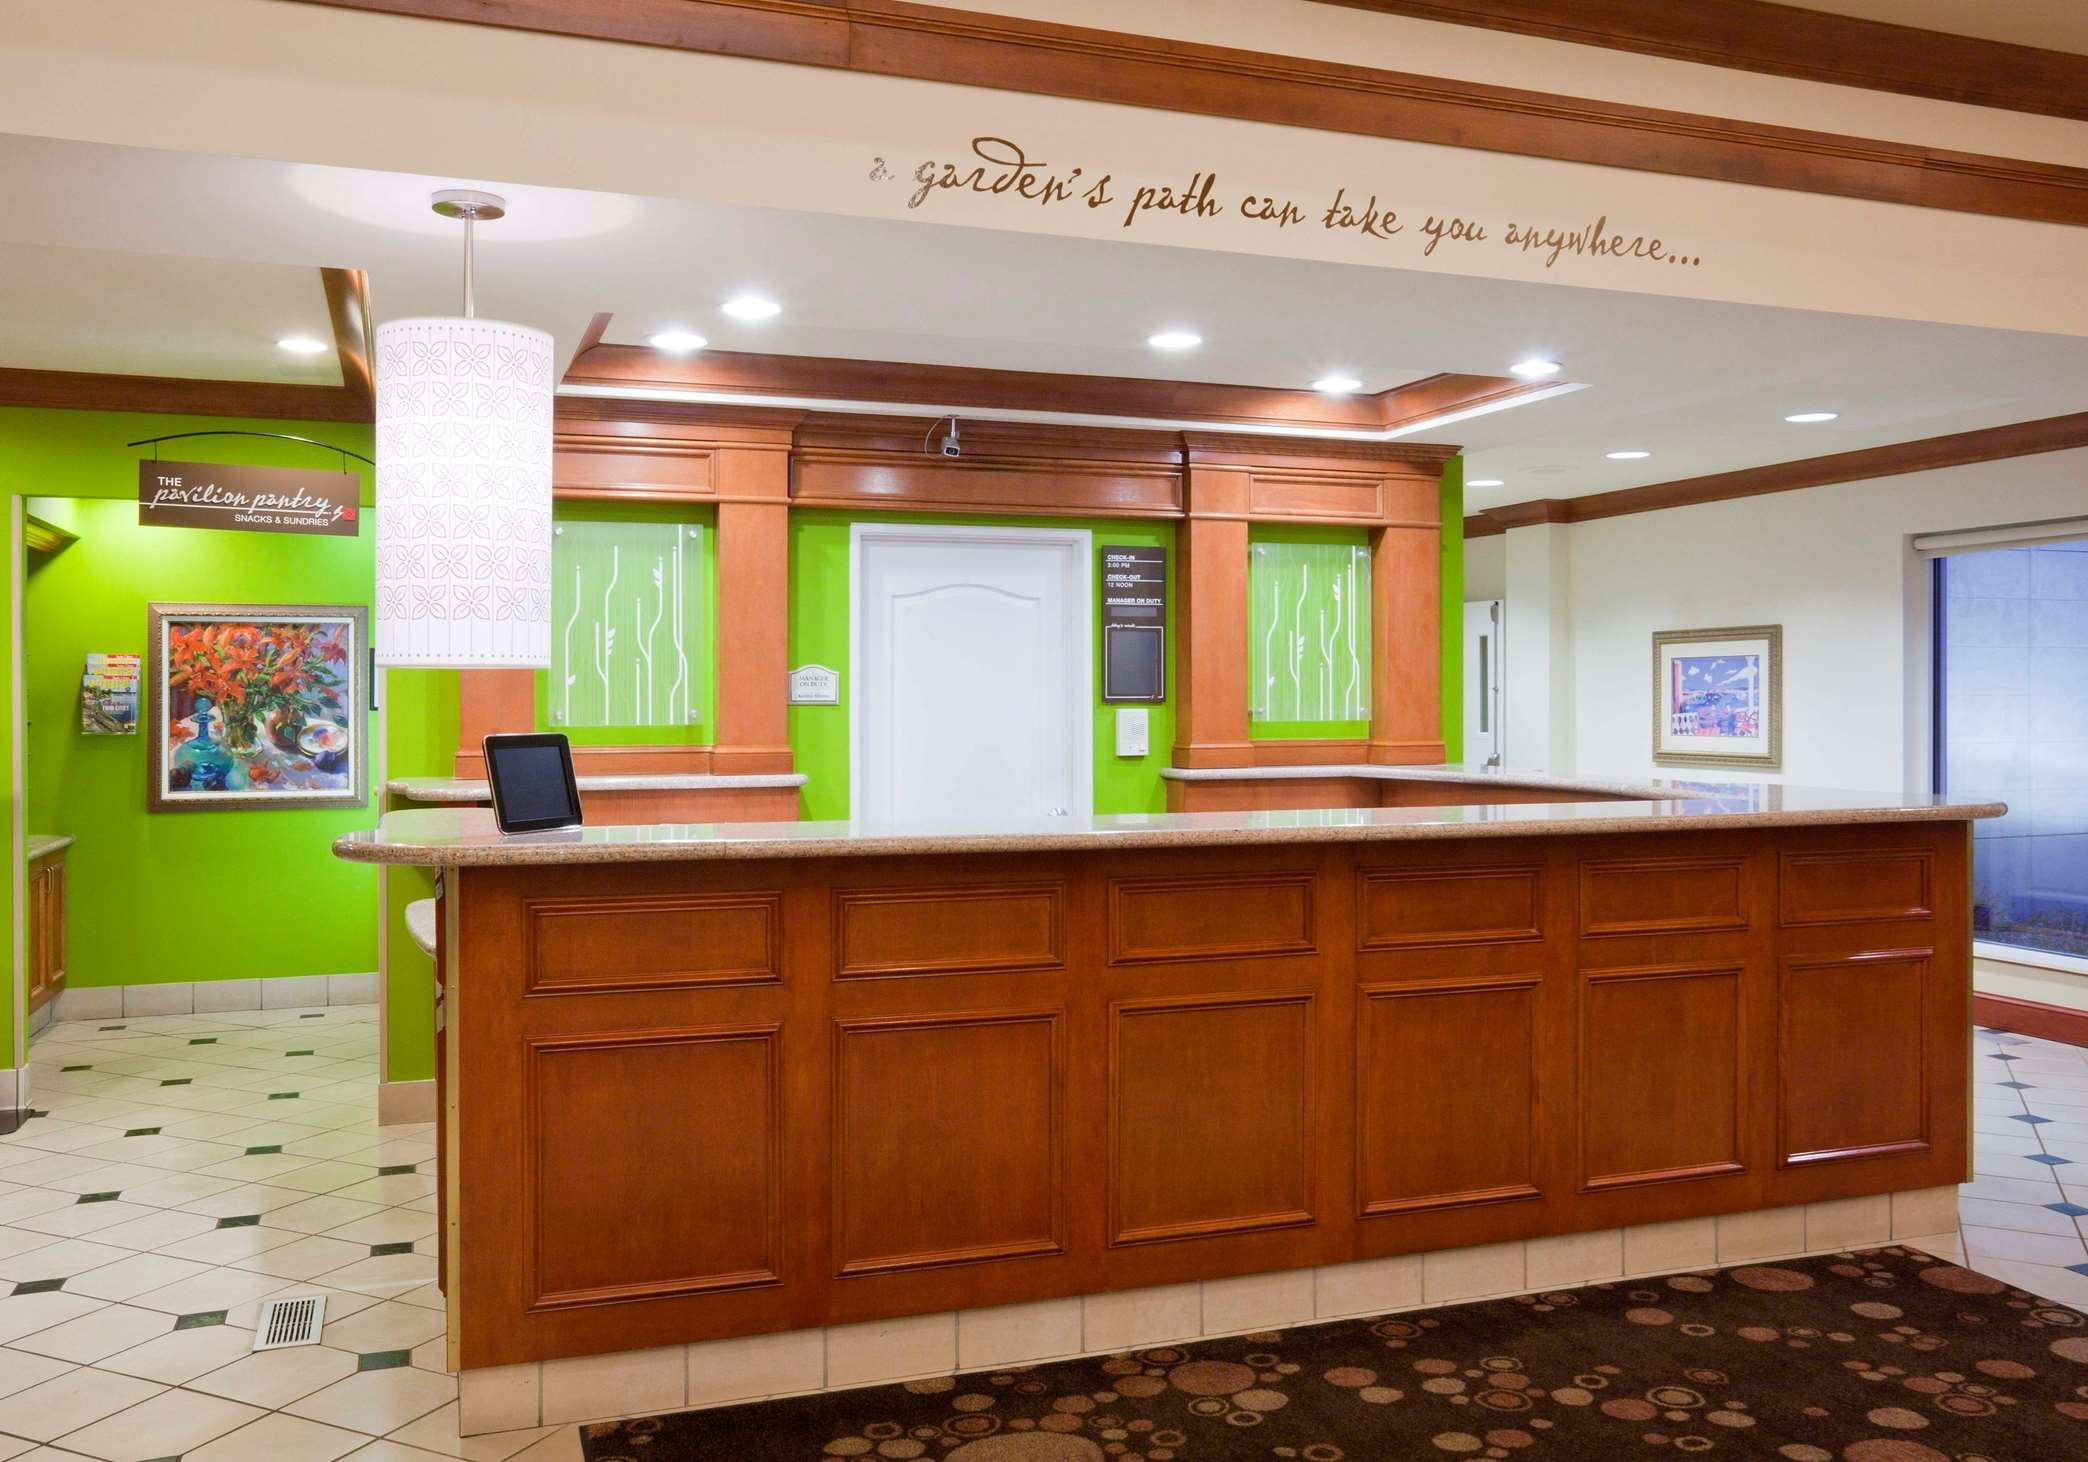 Hilton garden inn minneapolis bloomington bloomington minnesota mn for Hilton garden inn bloomington mn